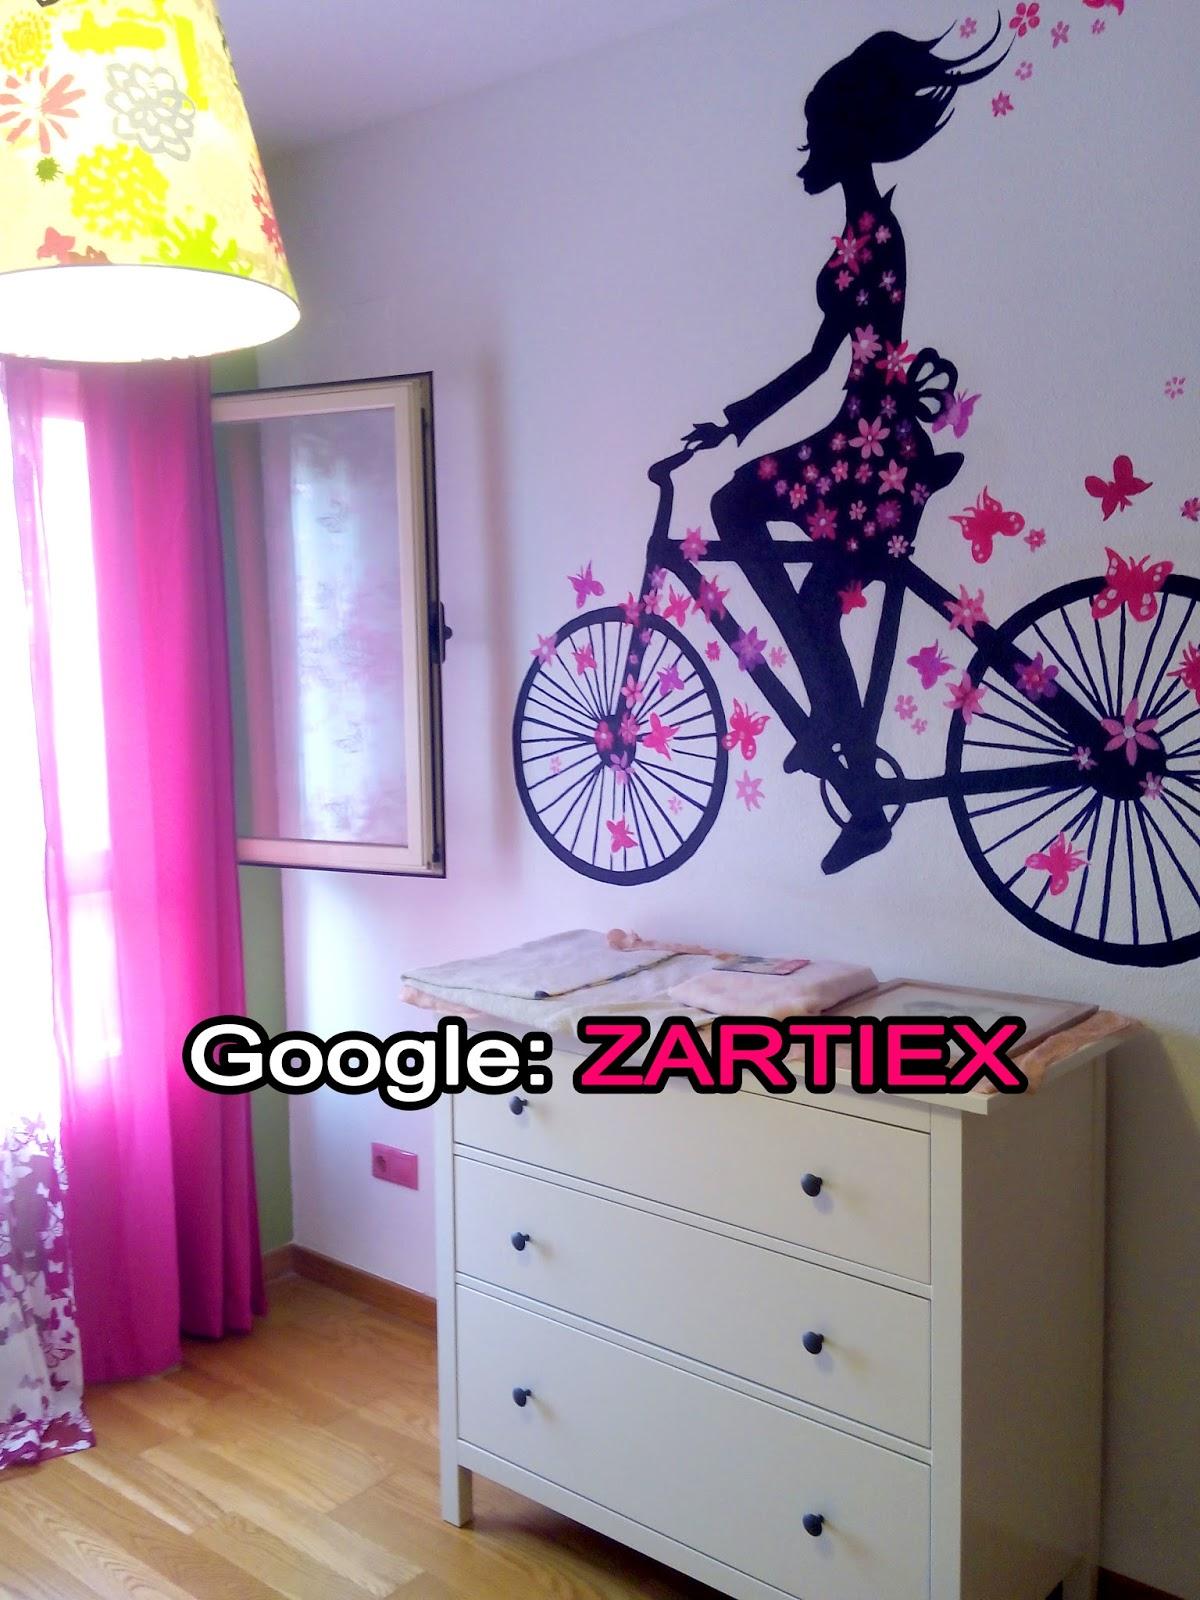 Decorar y pintar mi cuarto o mi habitacion con murales de for Como puedo decorar mi cuarto